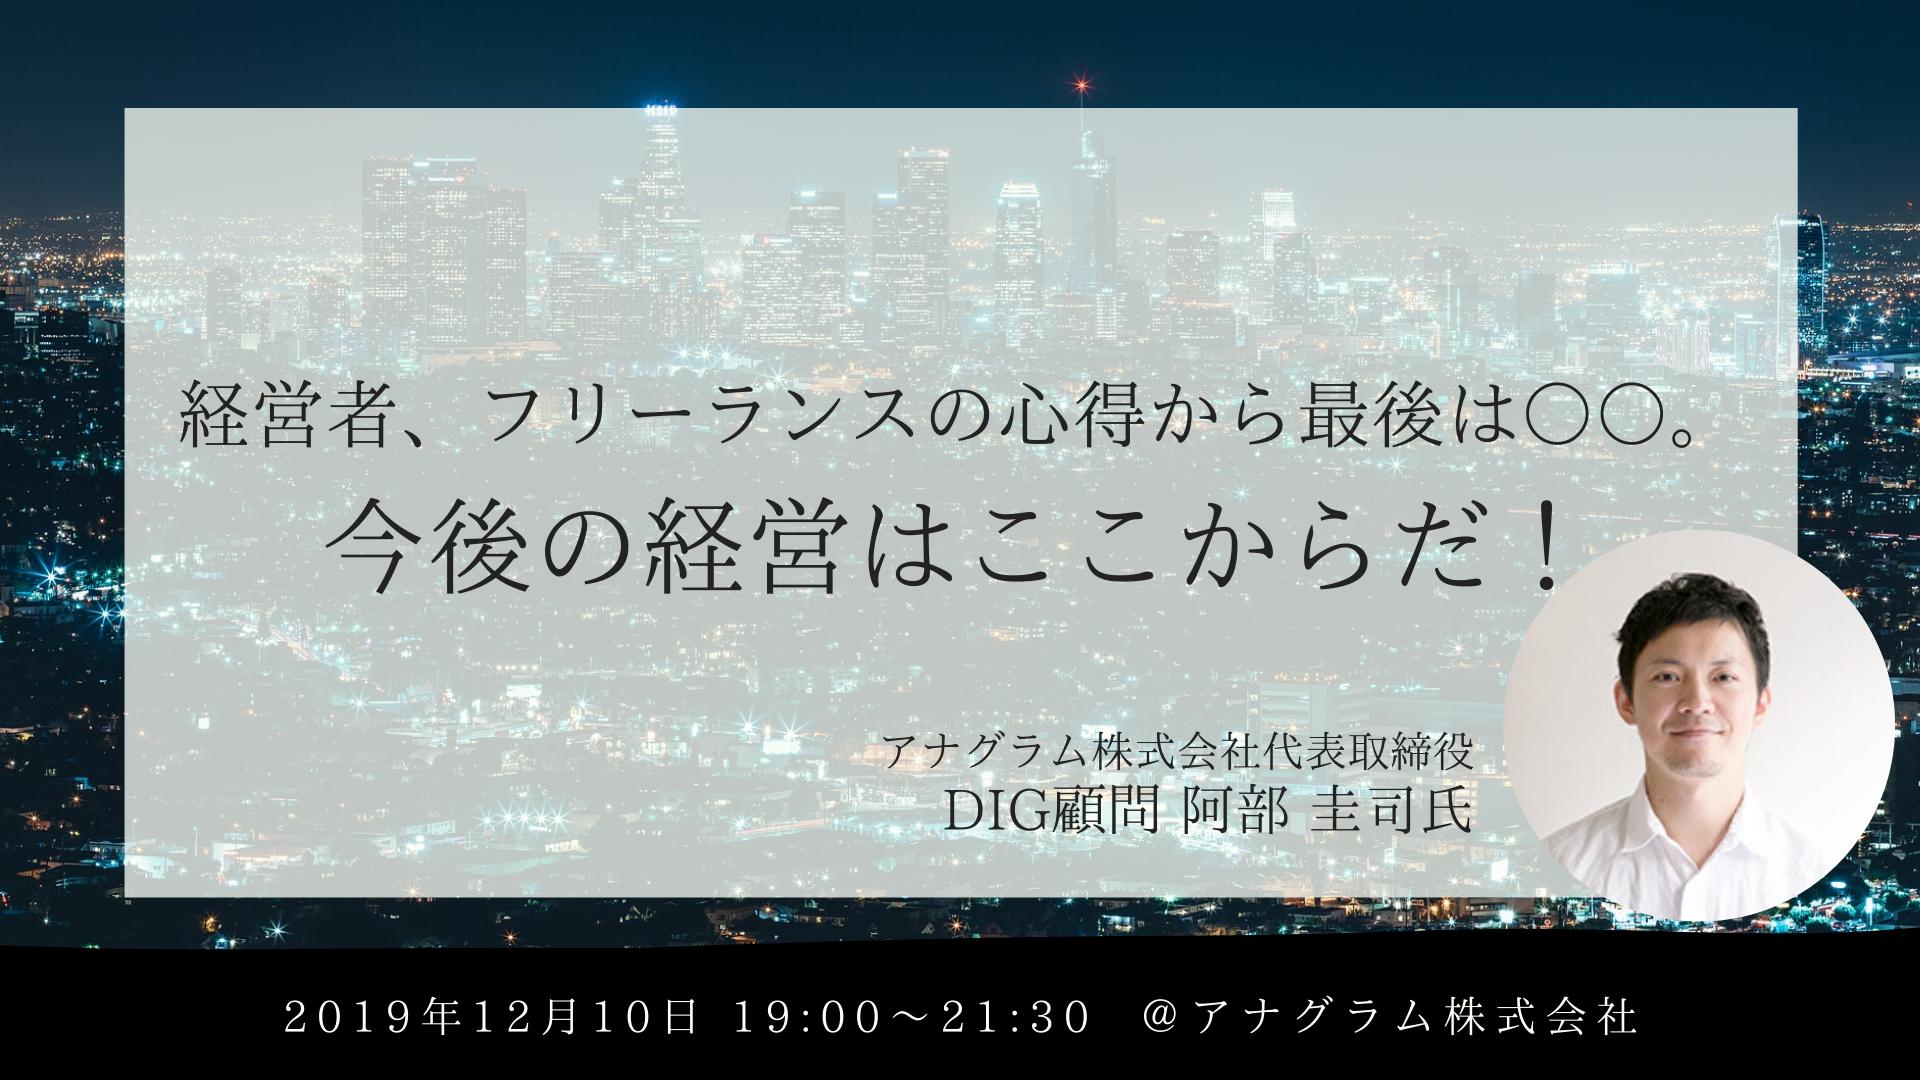 12月10日(火)、DIG TOKYOのイベントにて「フリーランスの心得」をお話しします。